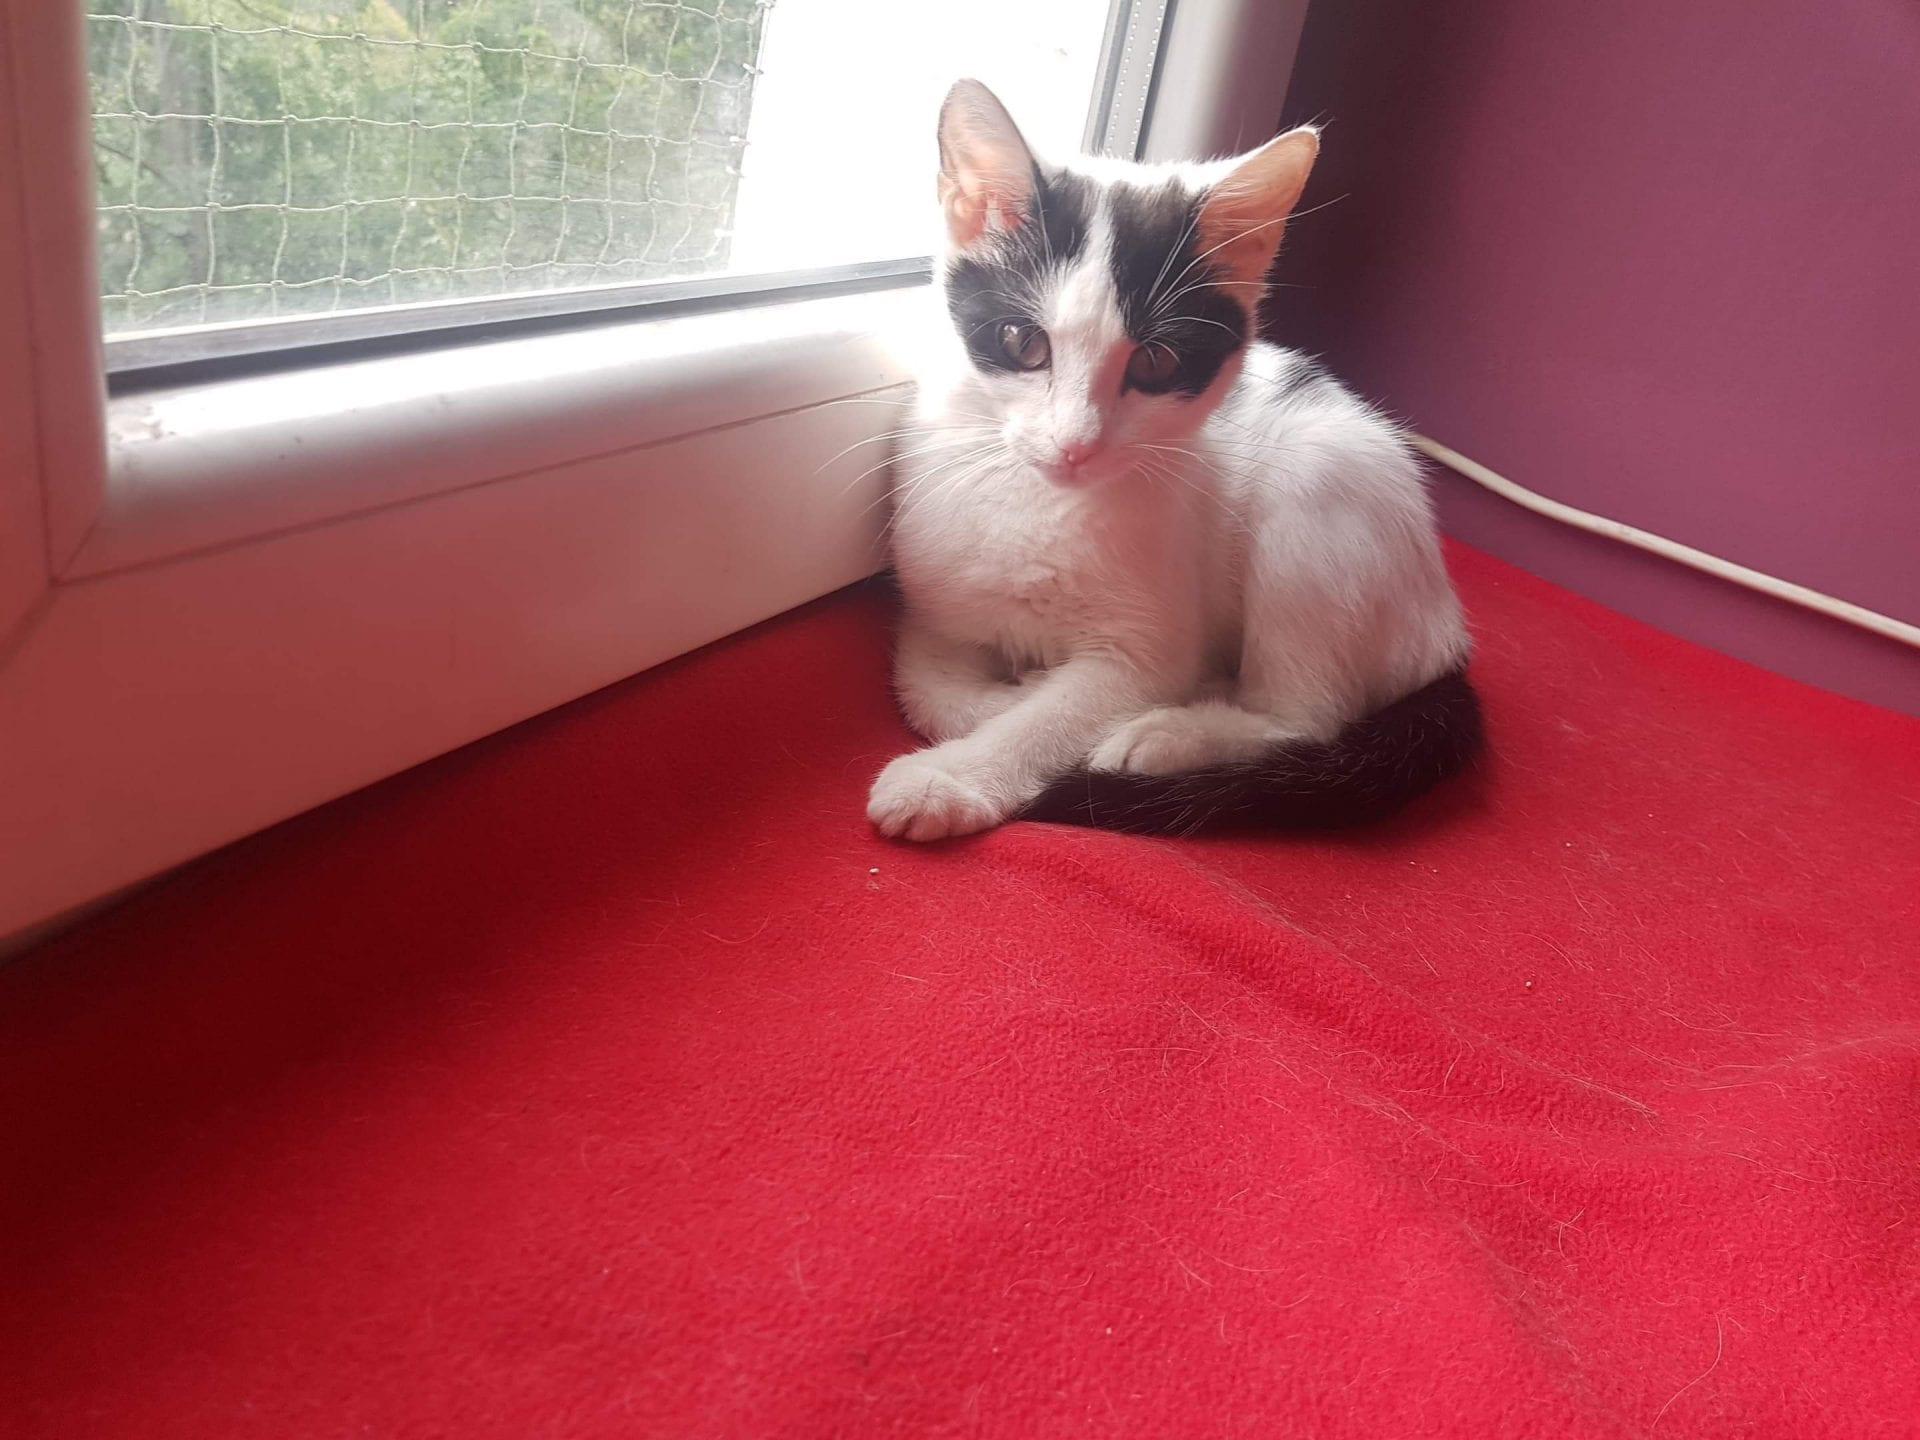 Adopcja kota psa kraków kot po adopcji